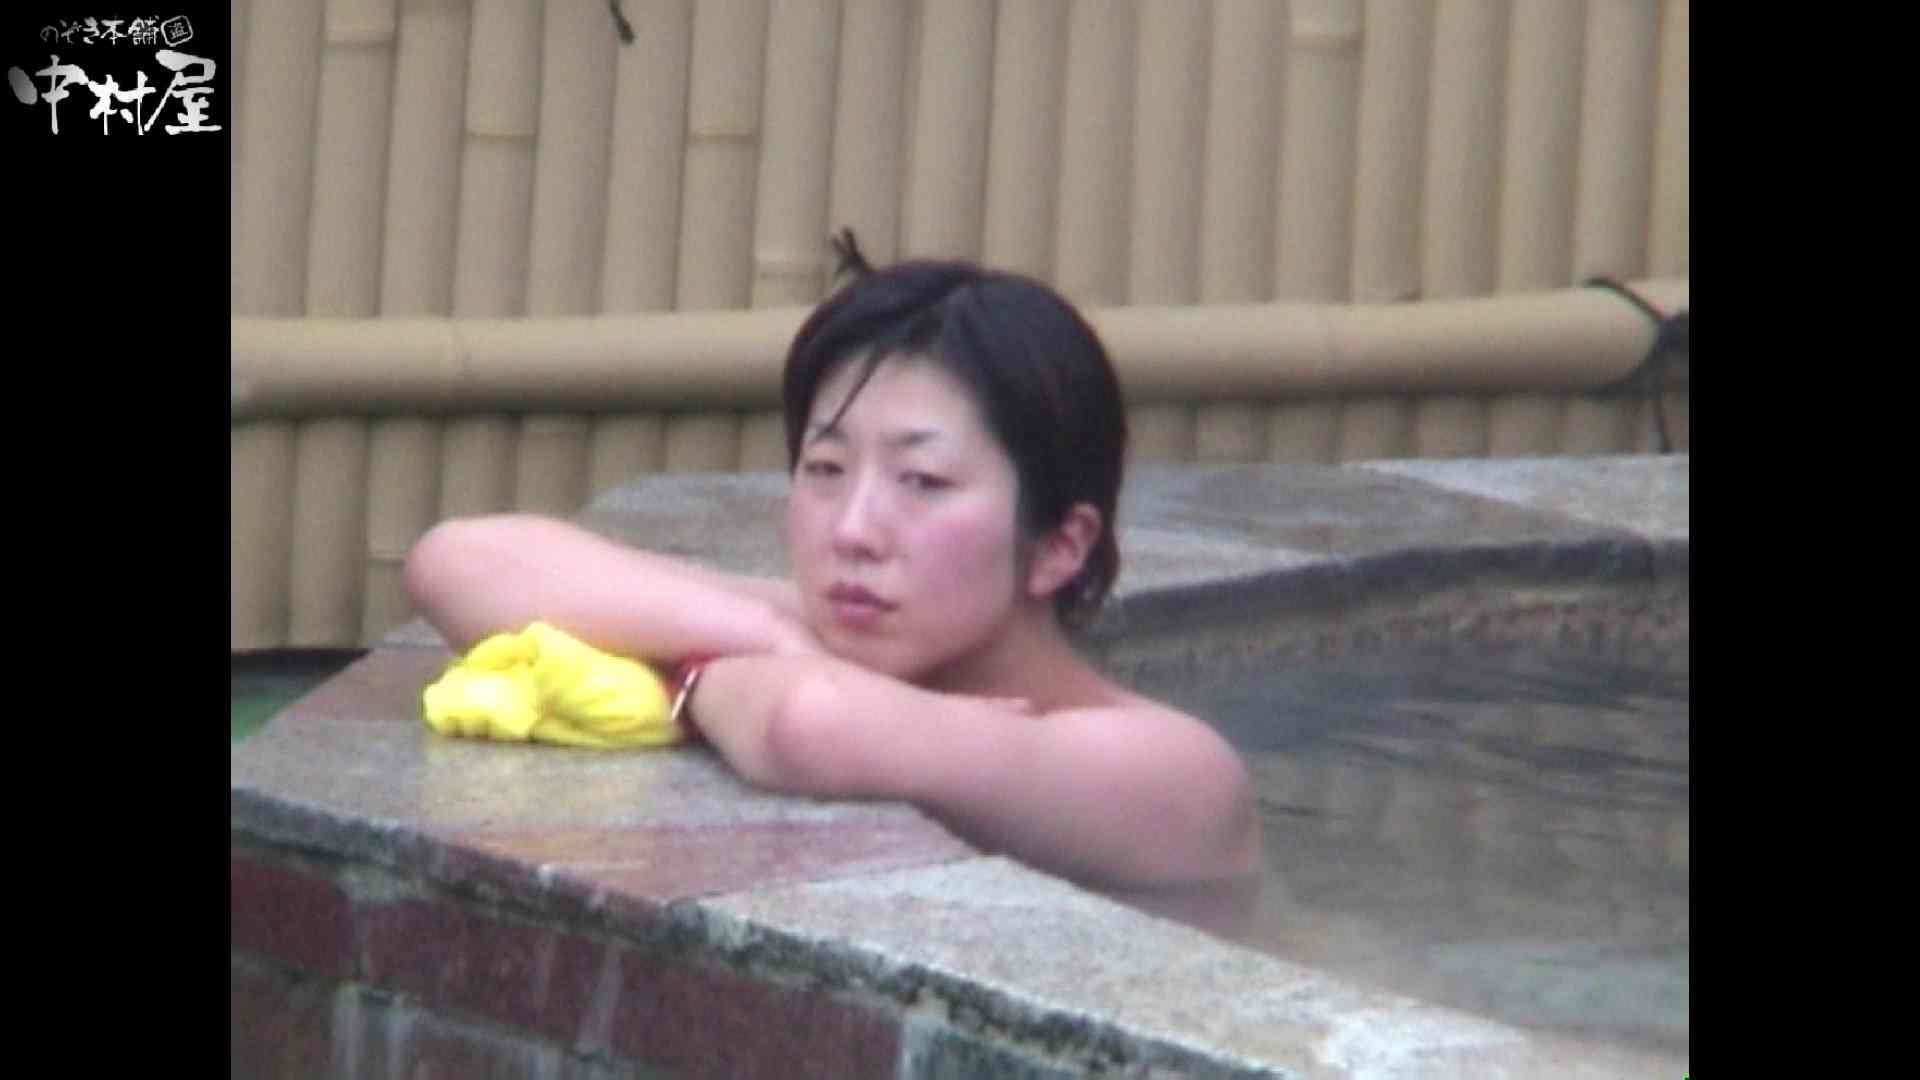 Aquaな露天風呂Vol.921 盗撮特集 | 露天  93画像 73